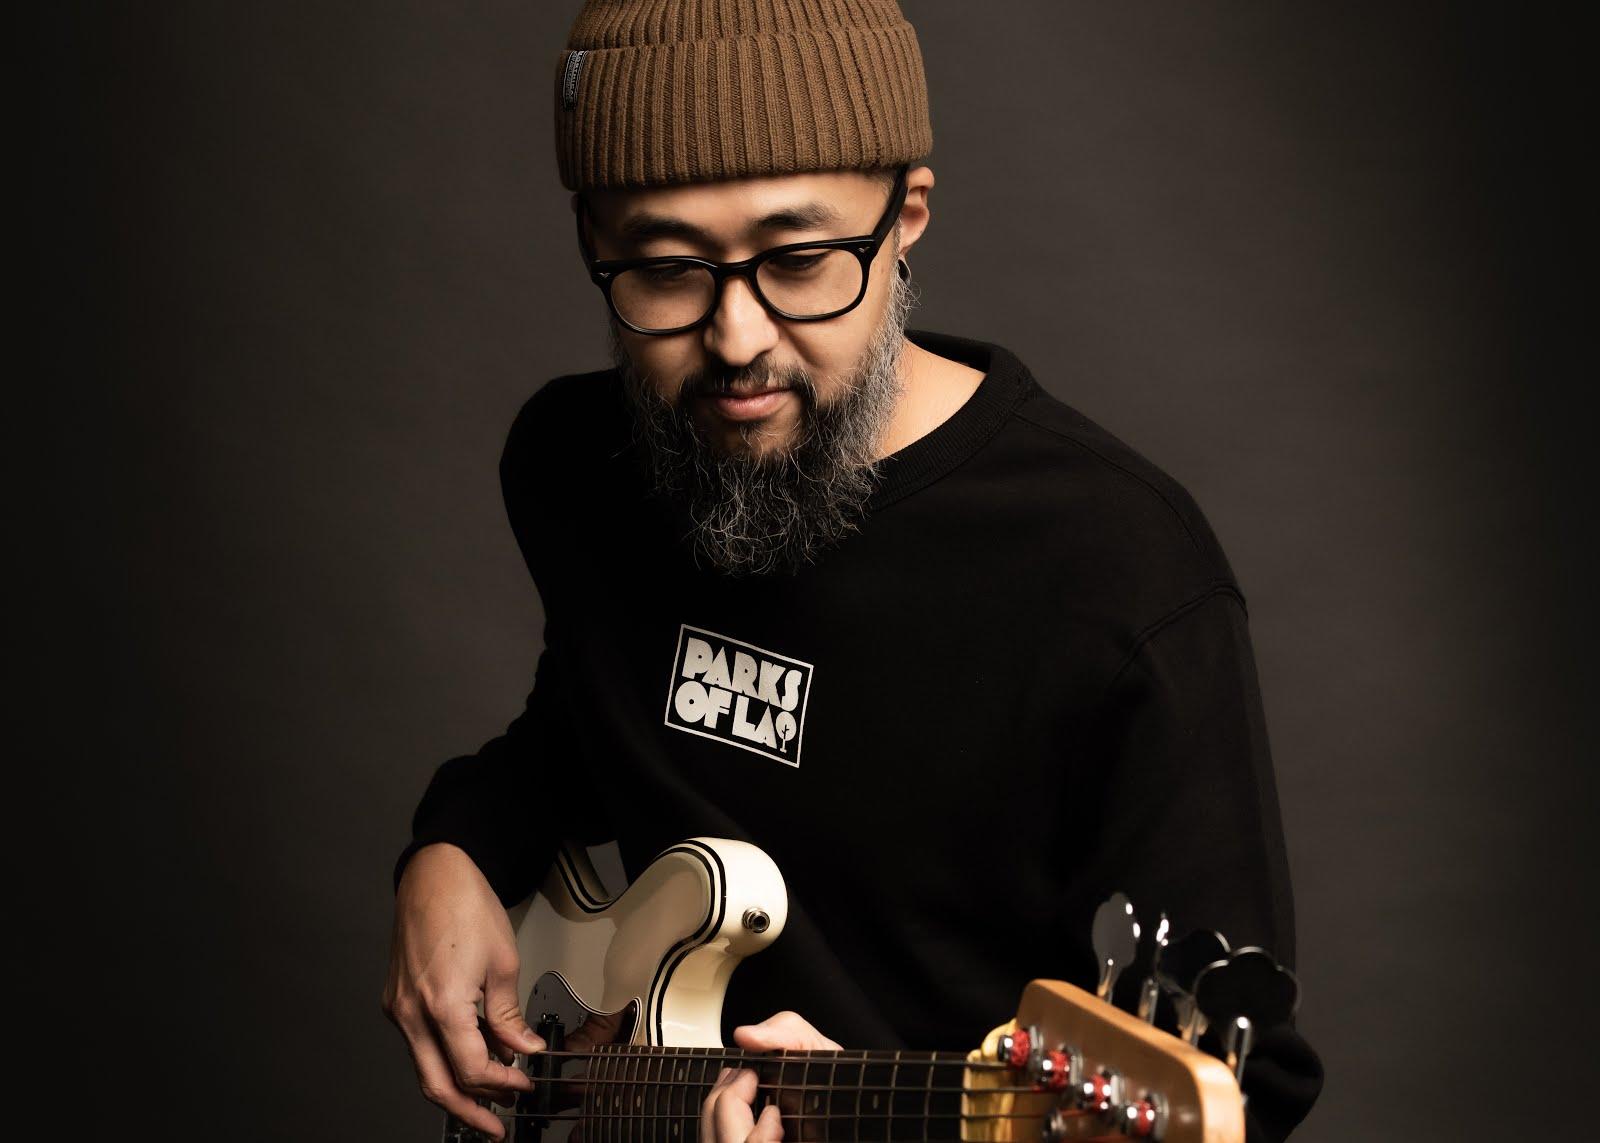 Masa Kobayashi / Musician